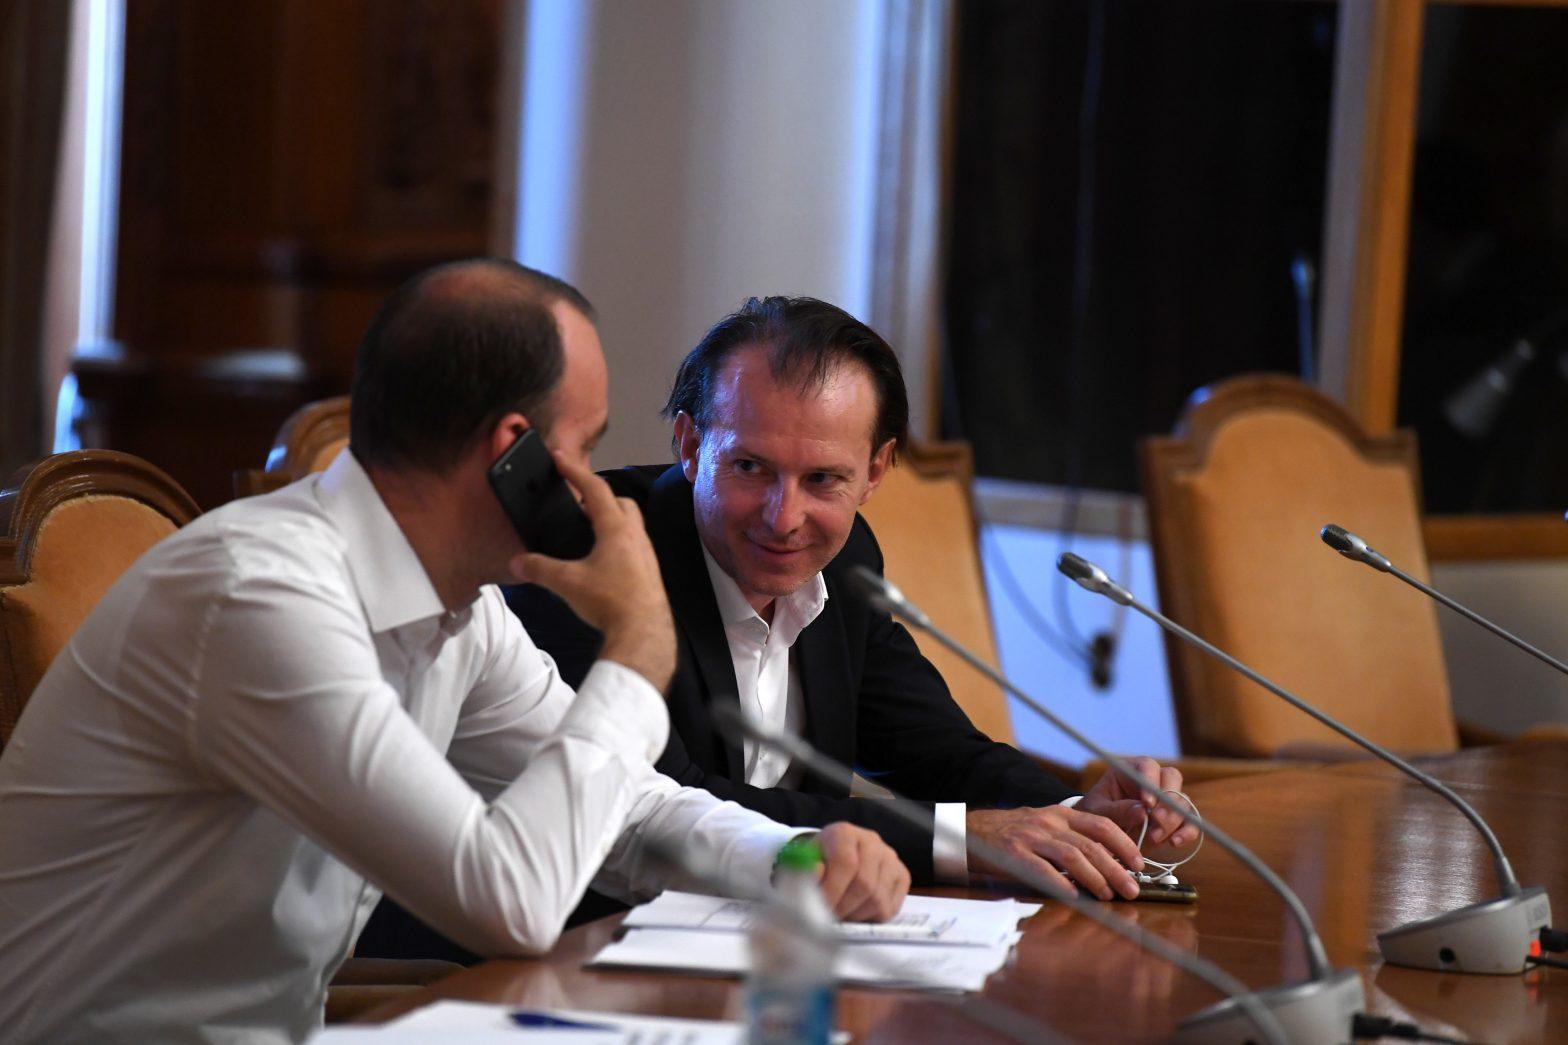 Premierul Florin Cîțu a intrat în politică în urmă cu cinci ani. FOTO: Agerpres